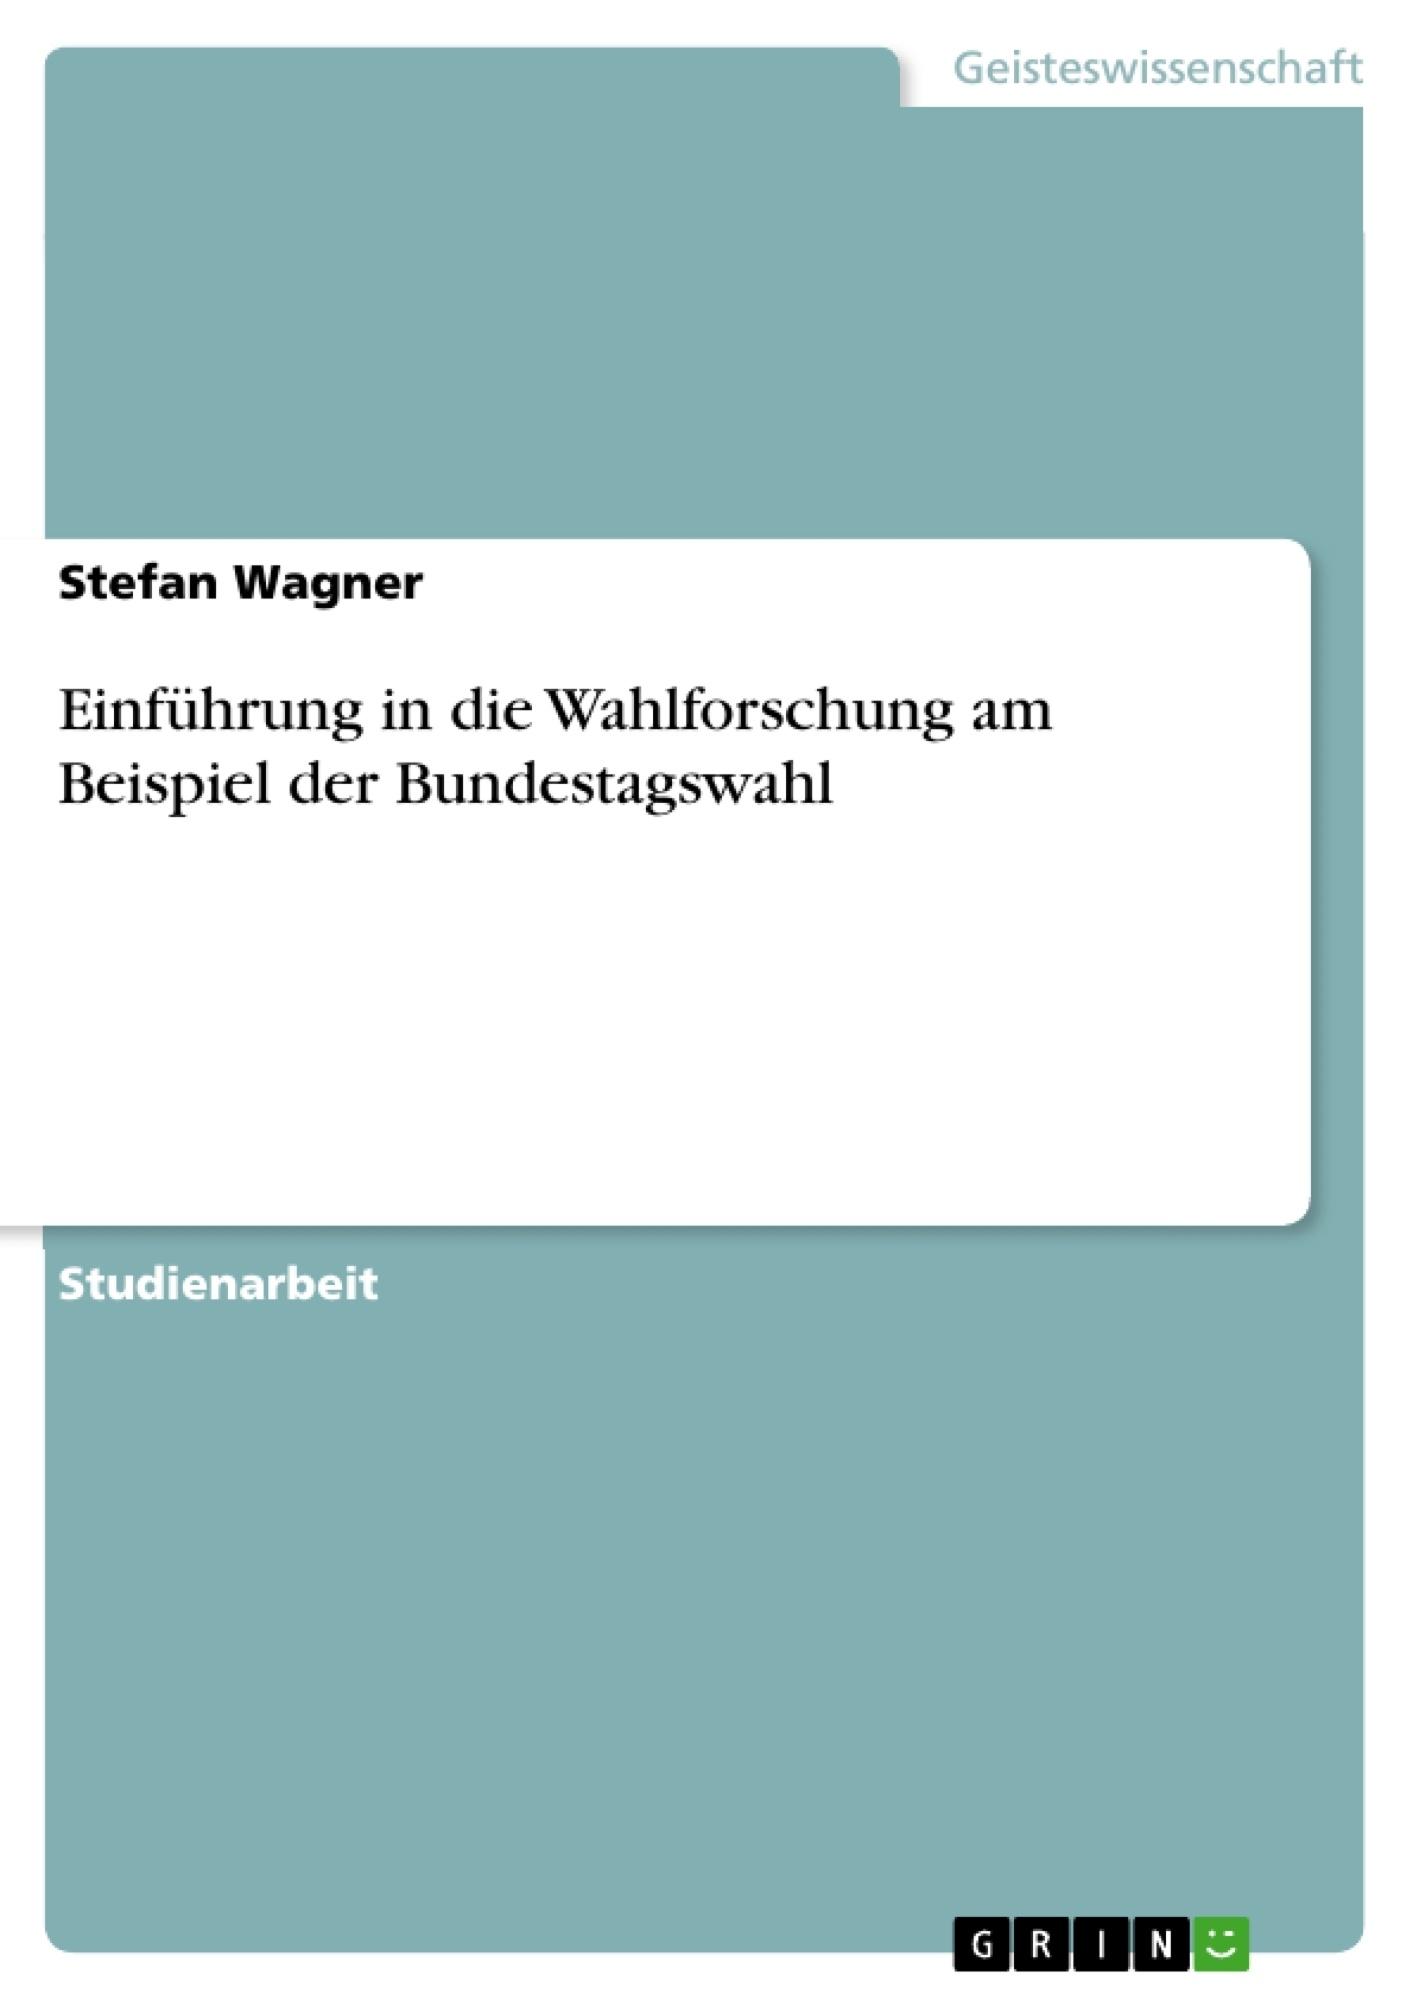 Titel: Einführung in die Wahlforschung am Beispiel der Bundestagswahl